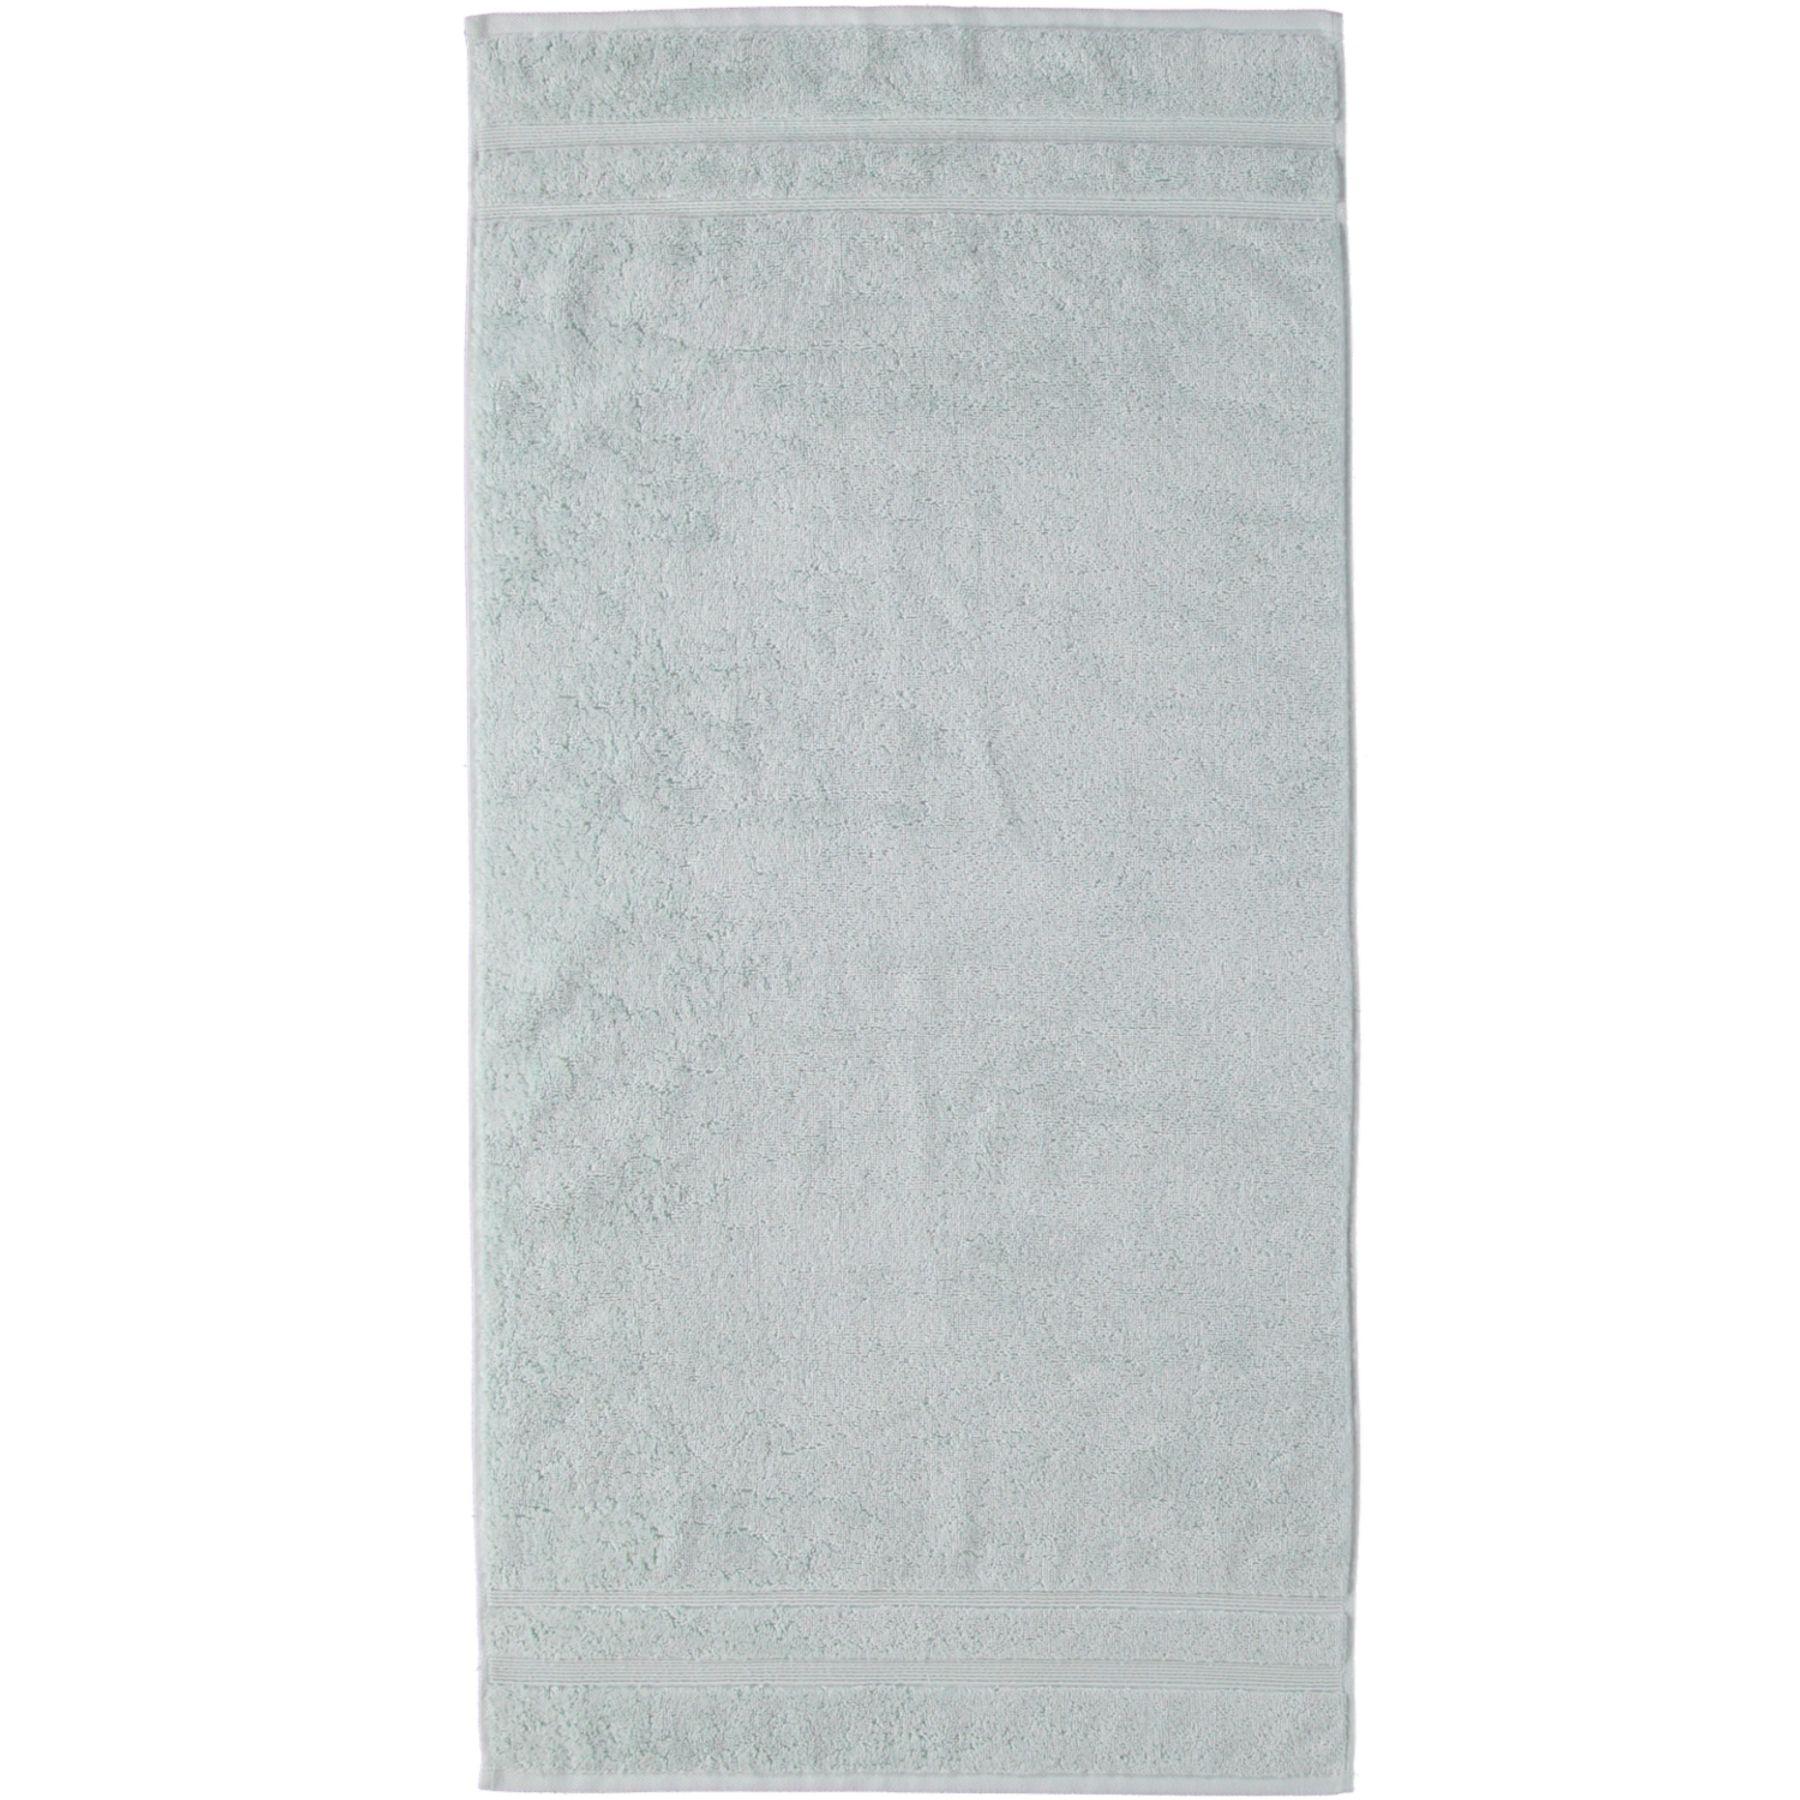 Cawö - Handtuch in verschiedenen Größen - Luxury Home (6000) – Bild 5